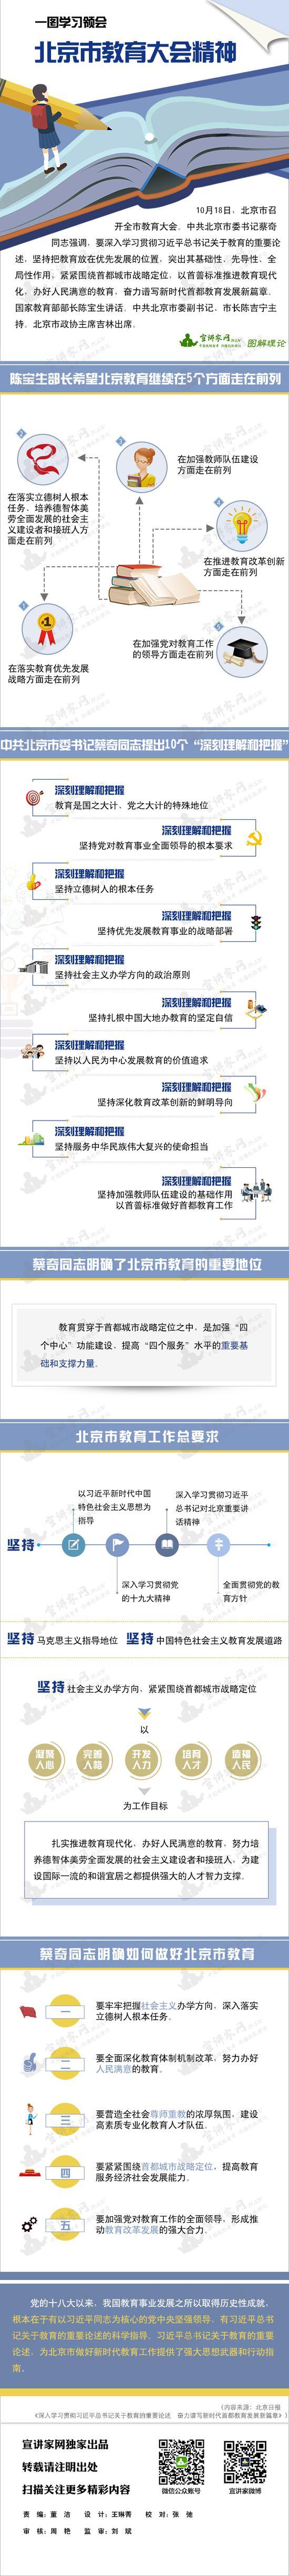 一图学习领会北京市教育大会精神